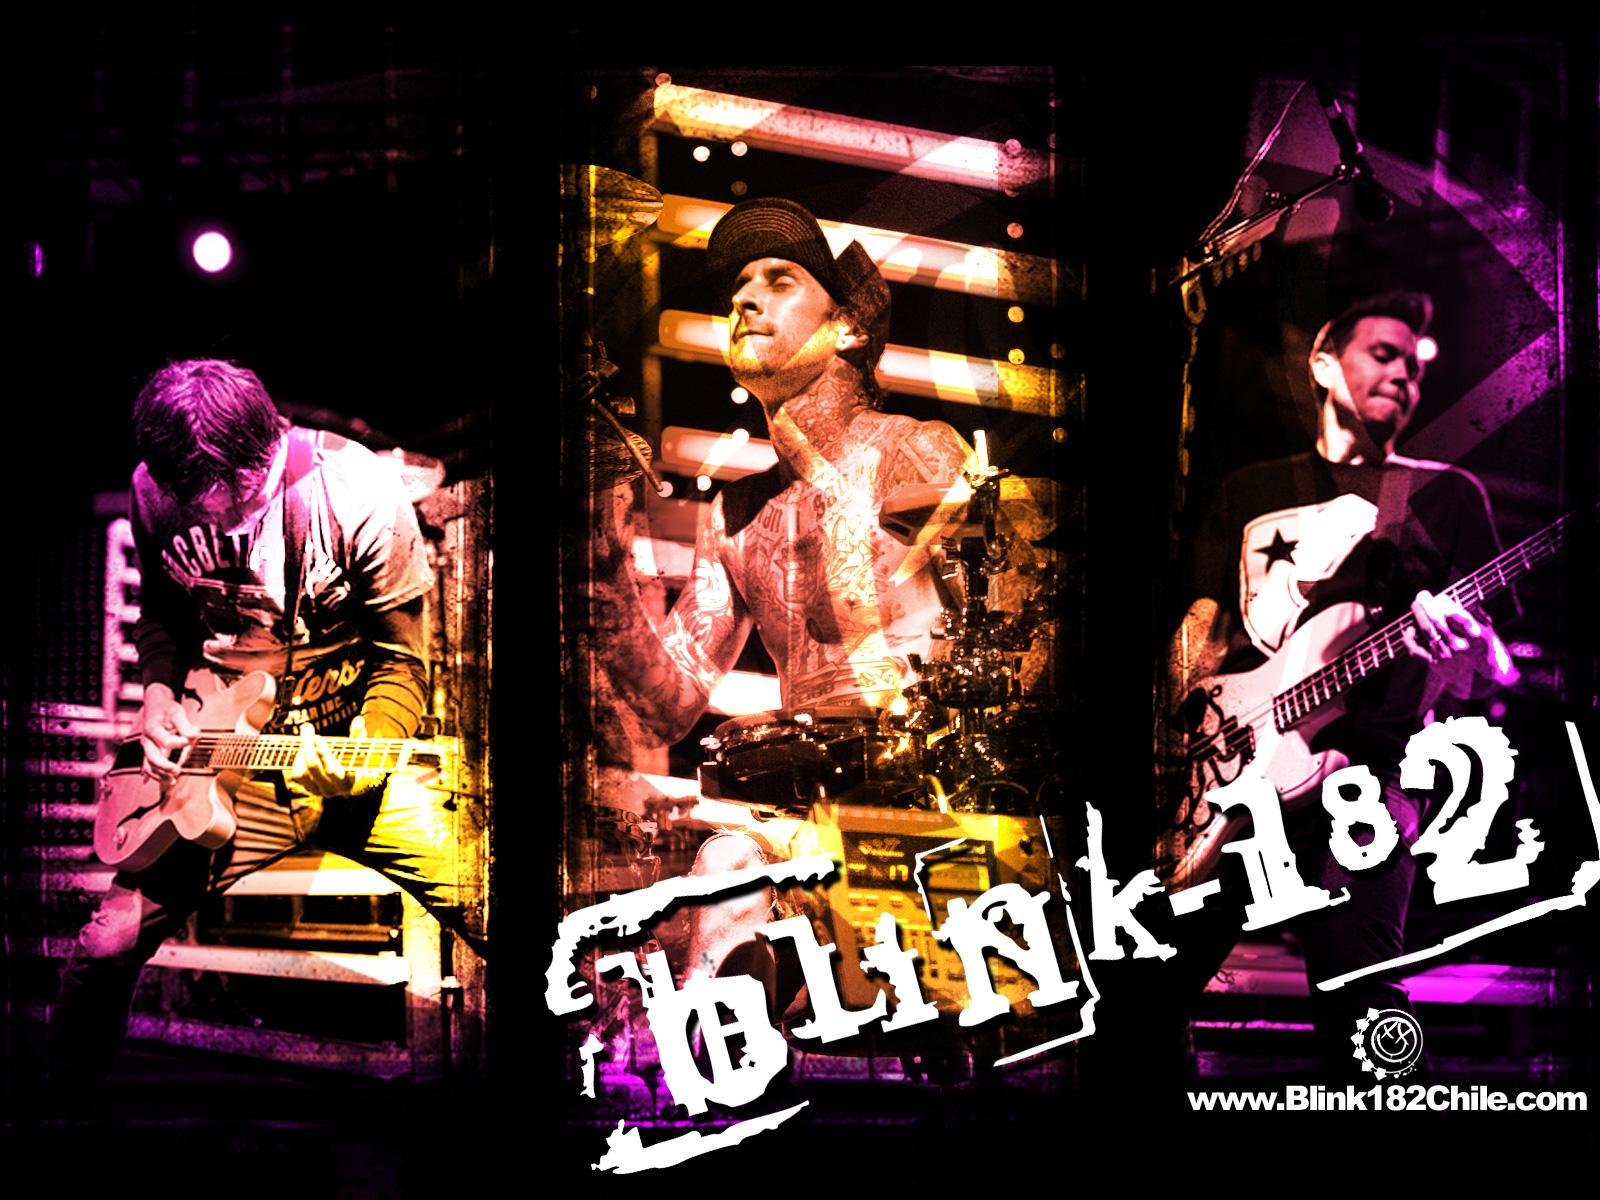 http://1.bp.blogspot.com/_kA88OO95FhY/TMptd3lM8_I/AAAAAAAAADg/WblWlIlqiQc/s1600/blink182isback1600x1200.jpg